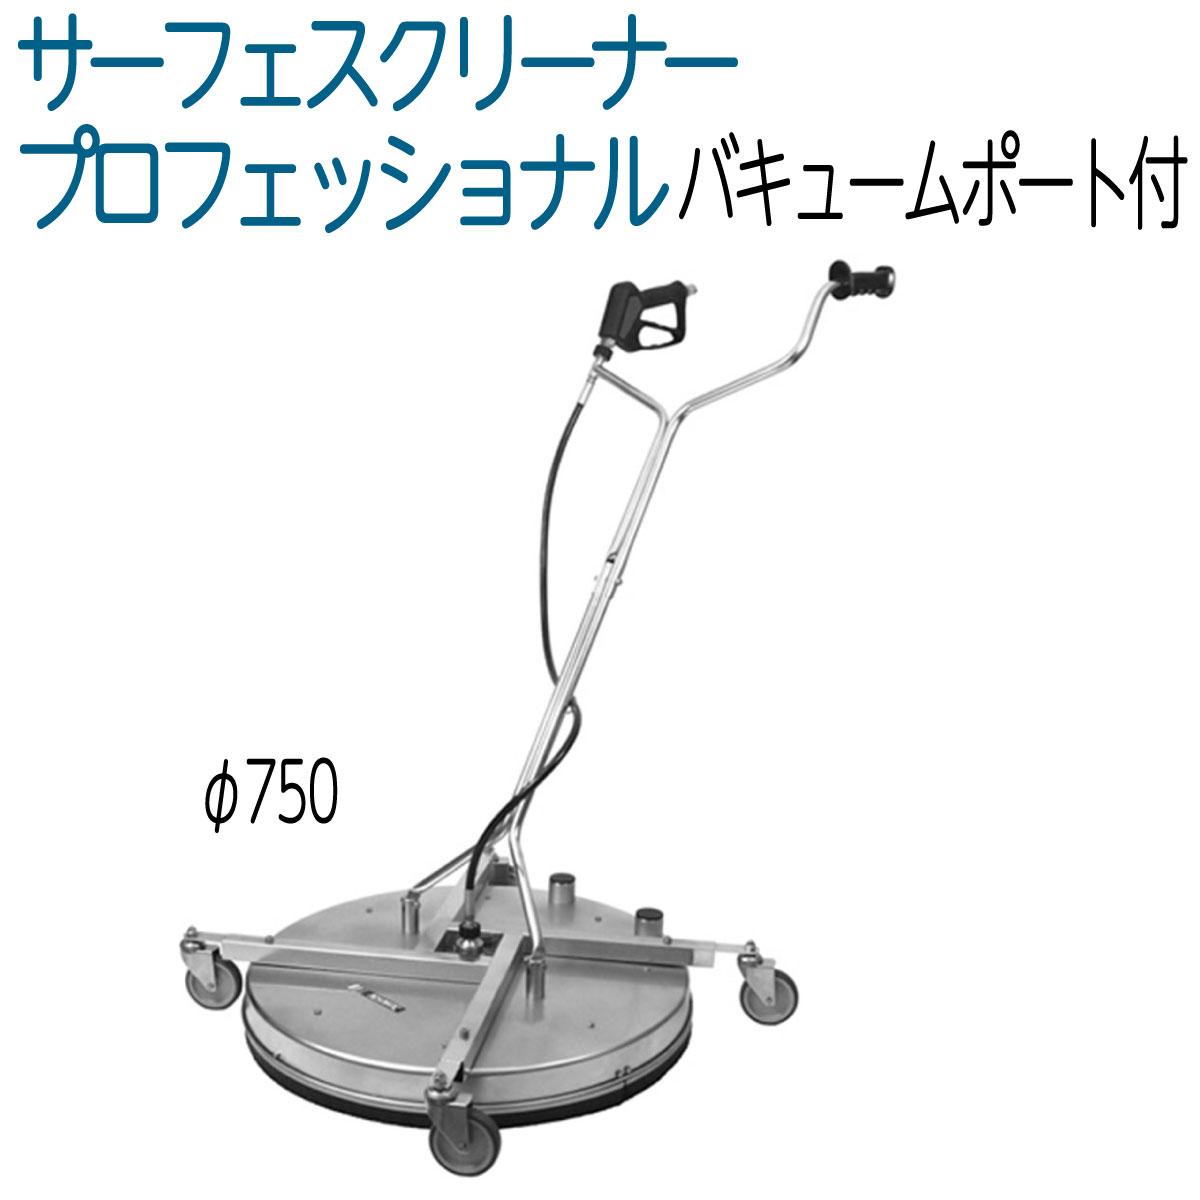 プロフェッショナル750 モスマティック社